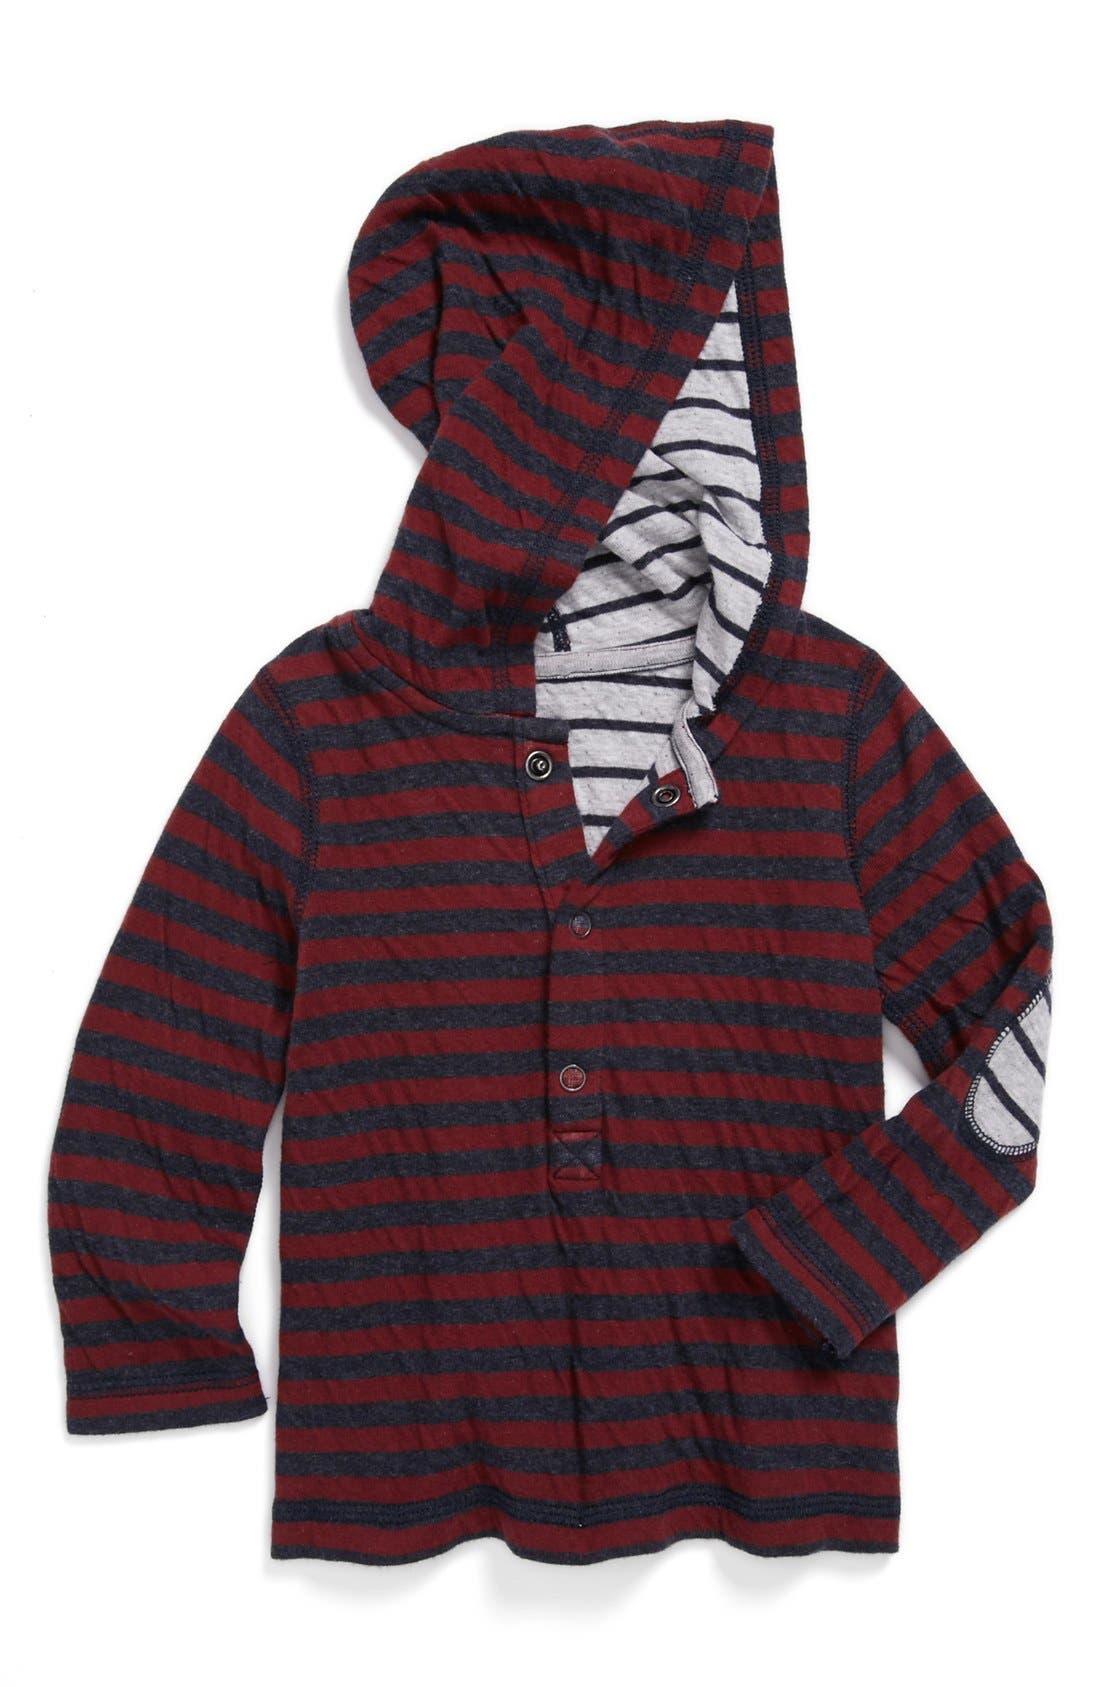 Alternate Image 1 Selected - Tucker + Tate Reversible Long Sleeve Henley Hoodie (Toddler)